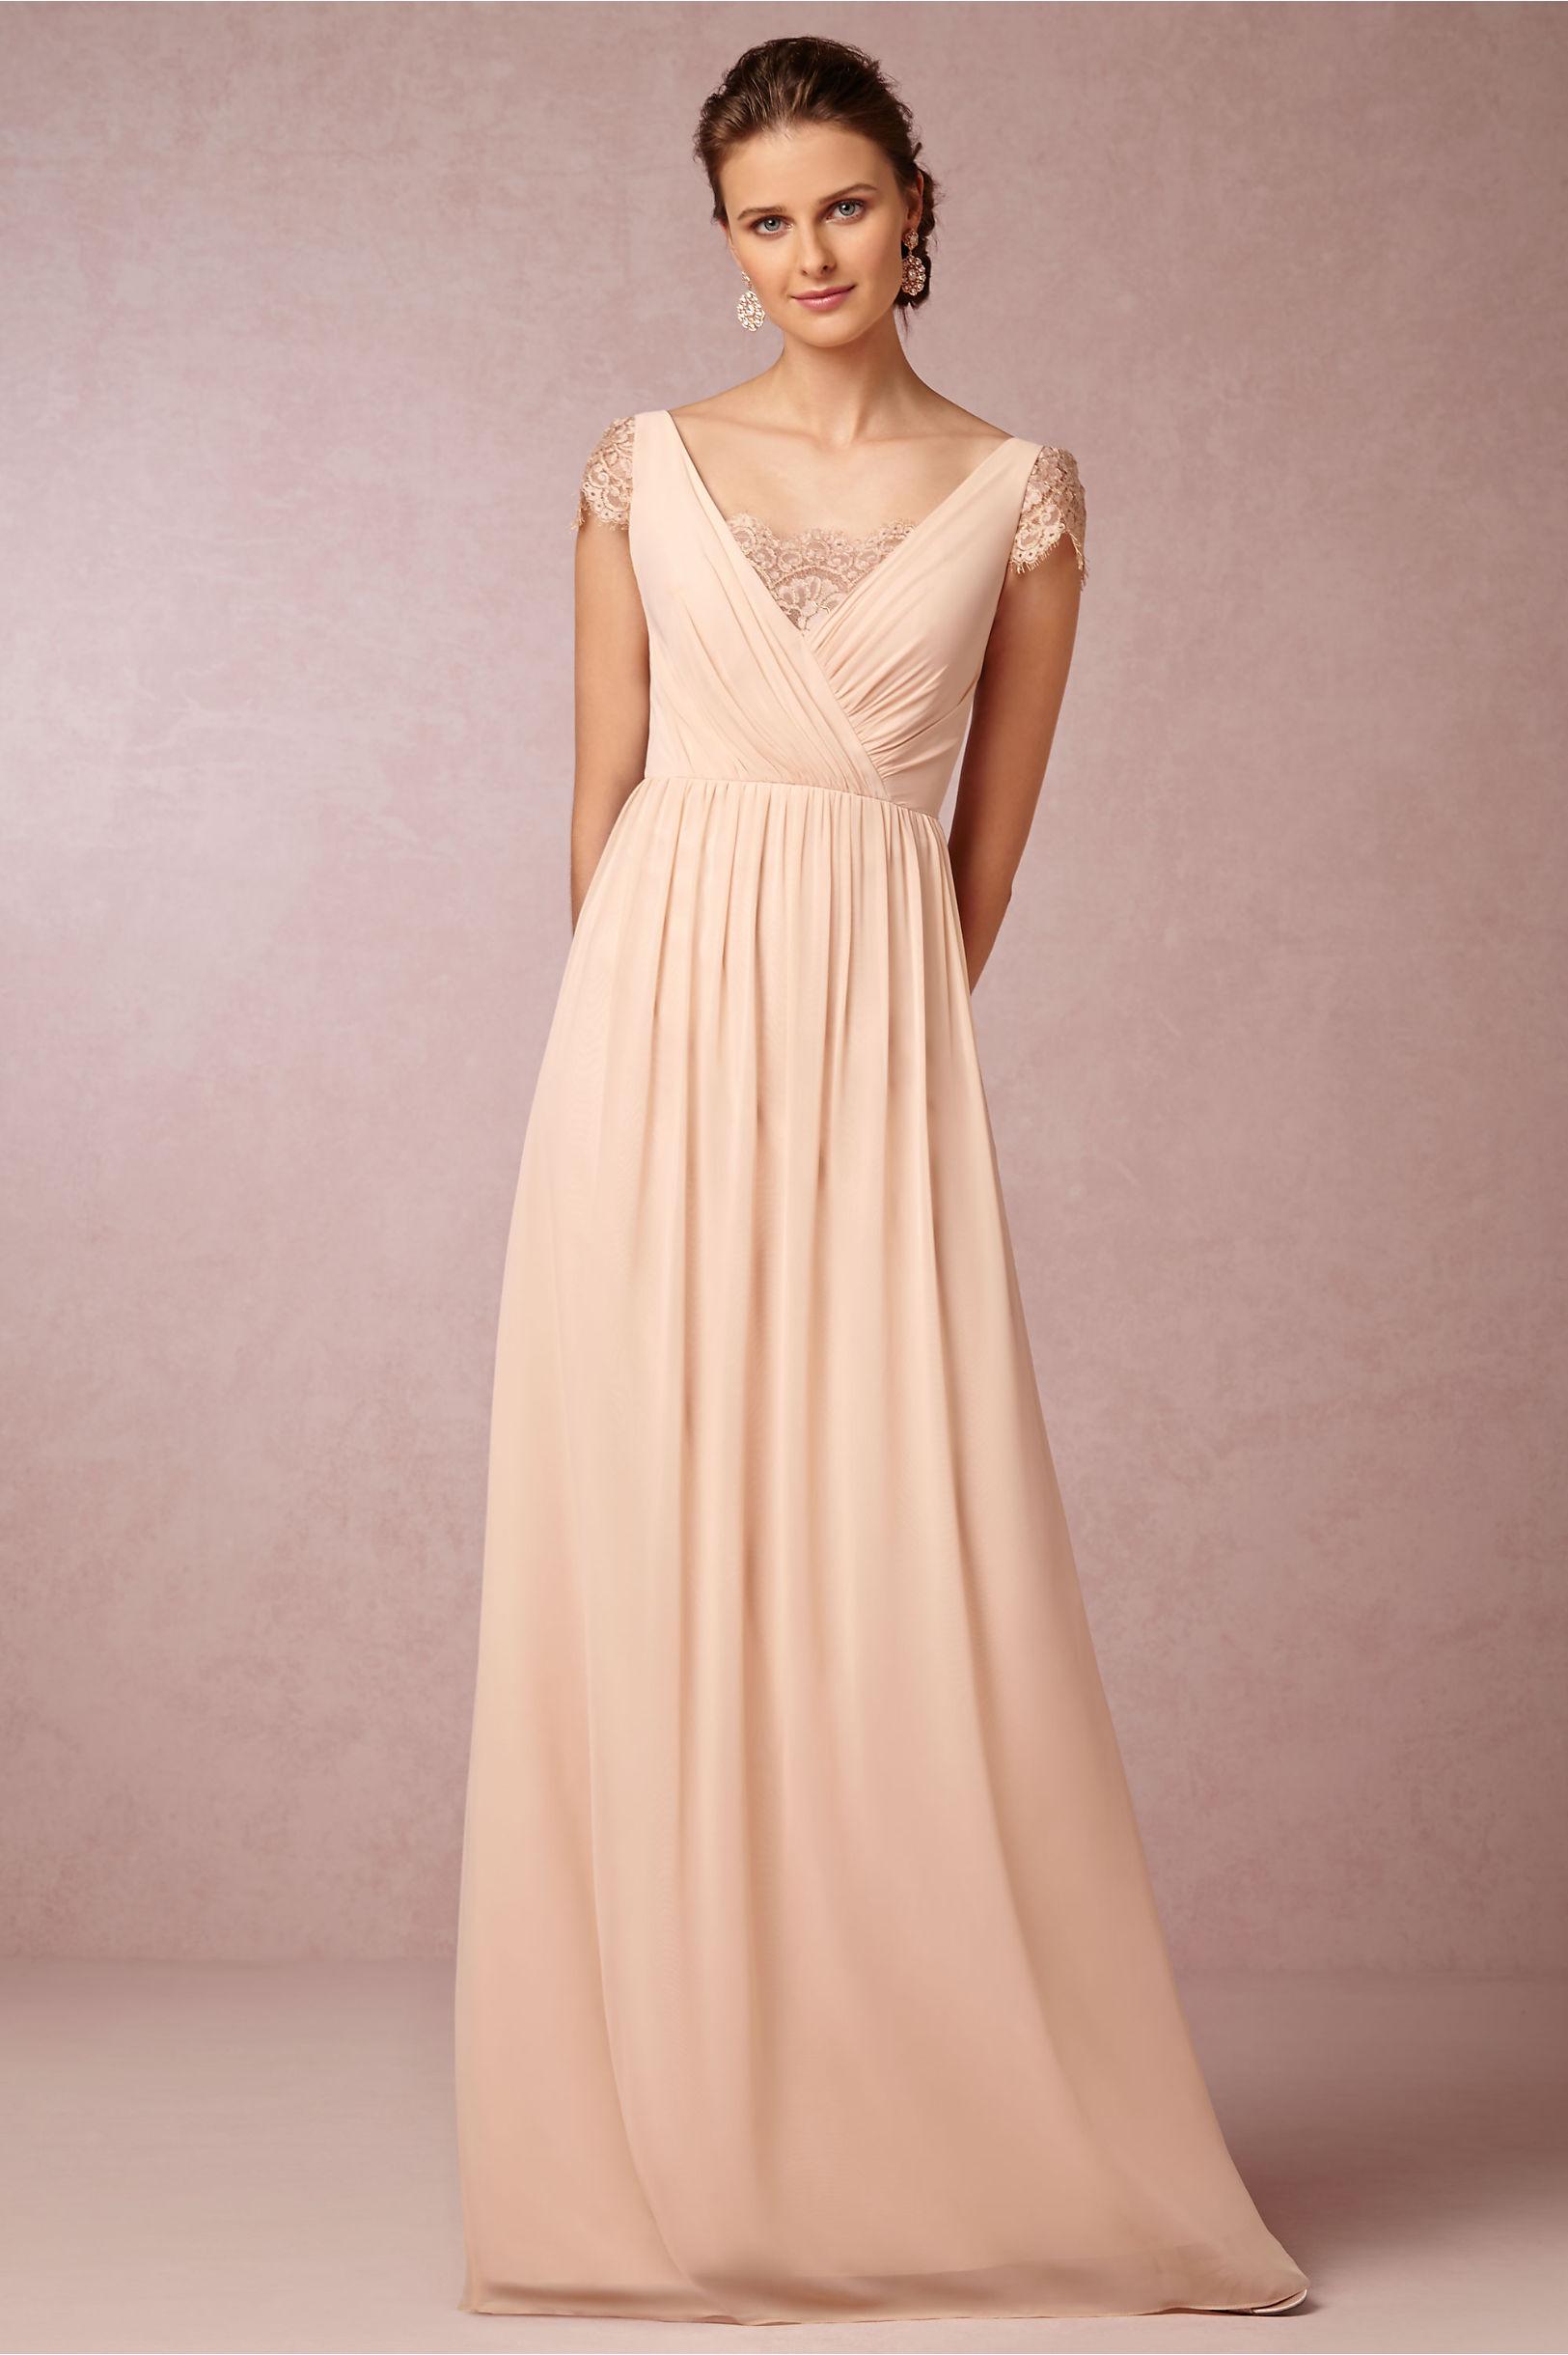 Evangeline Dress in New | BHLDN